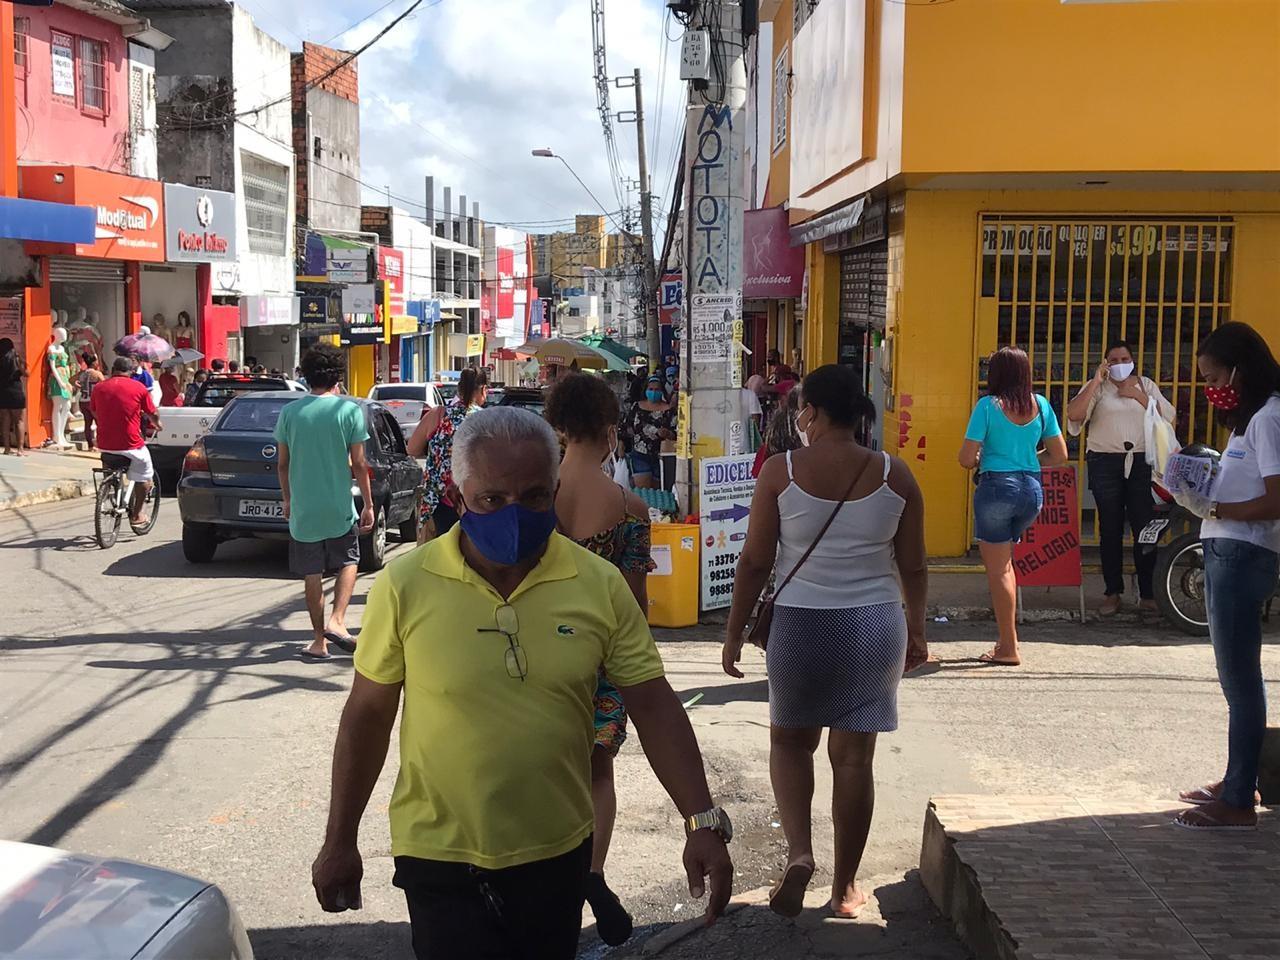 Lauro de Freitas autoriza fase dois da reabertura do comércio a partir de quarta-feira e prorroga medida de restrição noturna